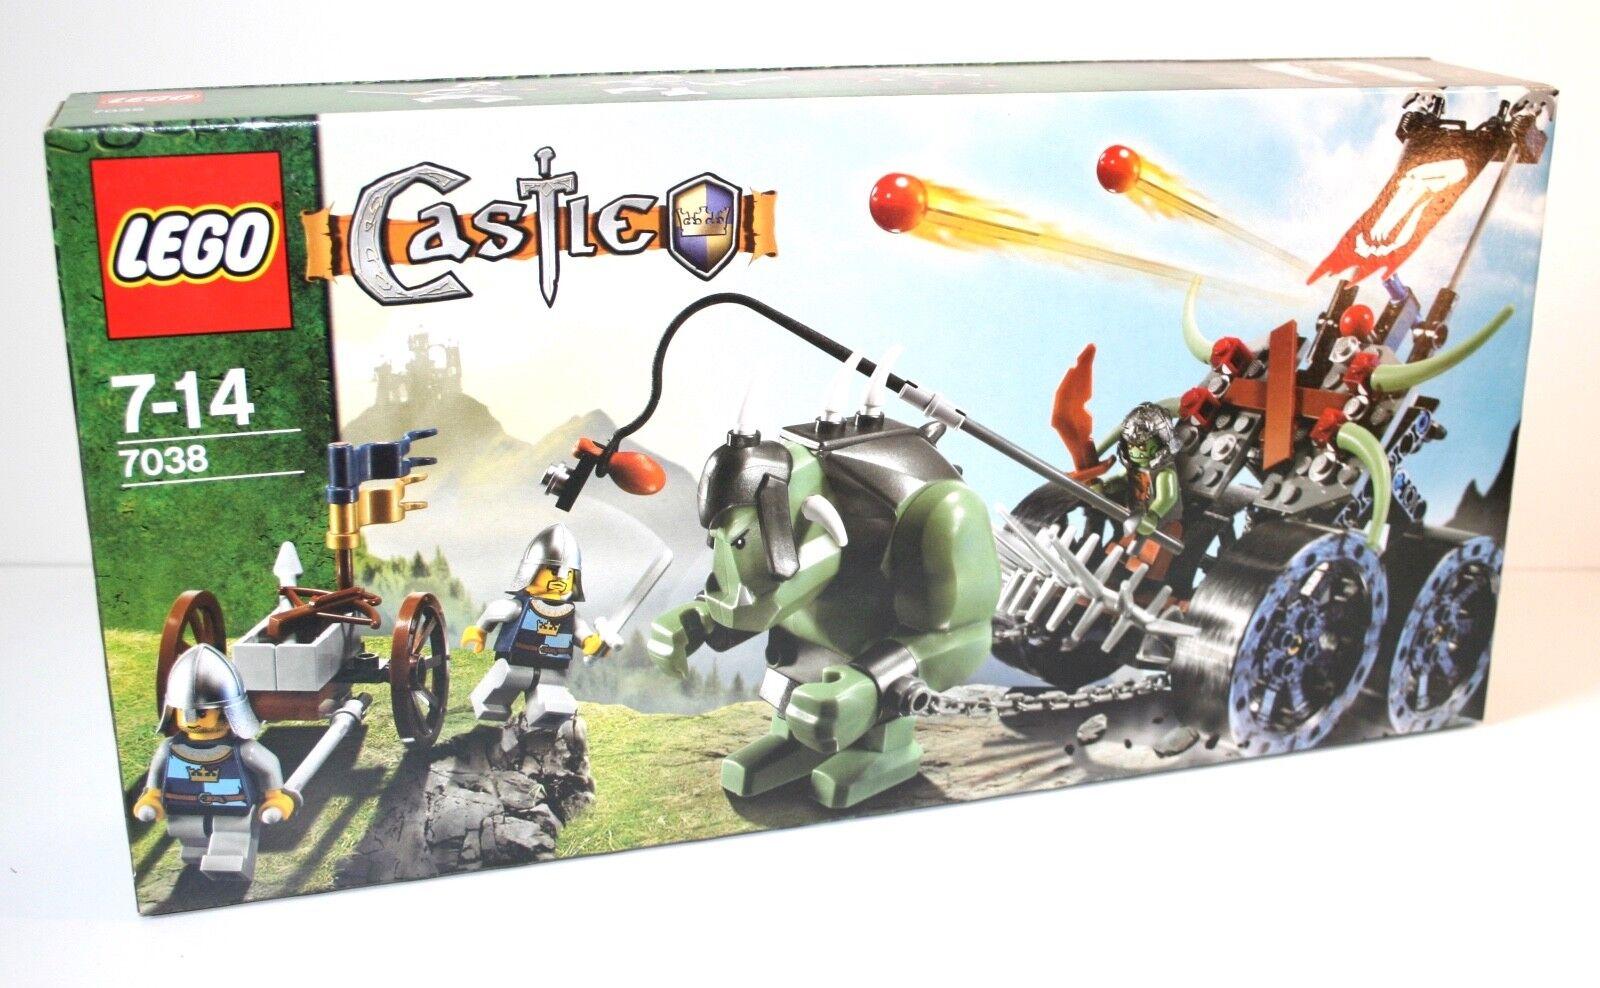 LEGO ® Castle 7038 Troll-Attaque voiture ASSAULT WAGON Neuf neuf dans sa boîte En parfait état, dans sa boîte scellée 2008